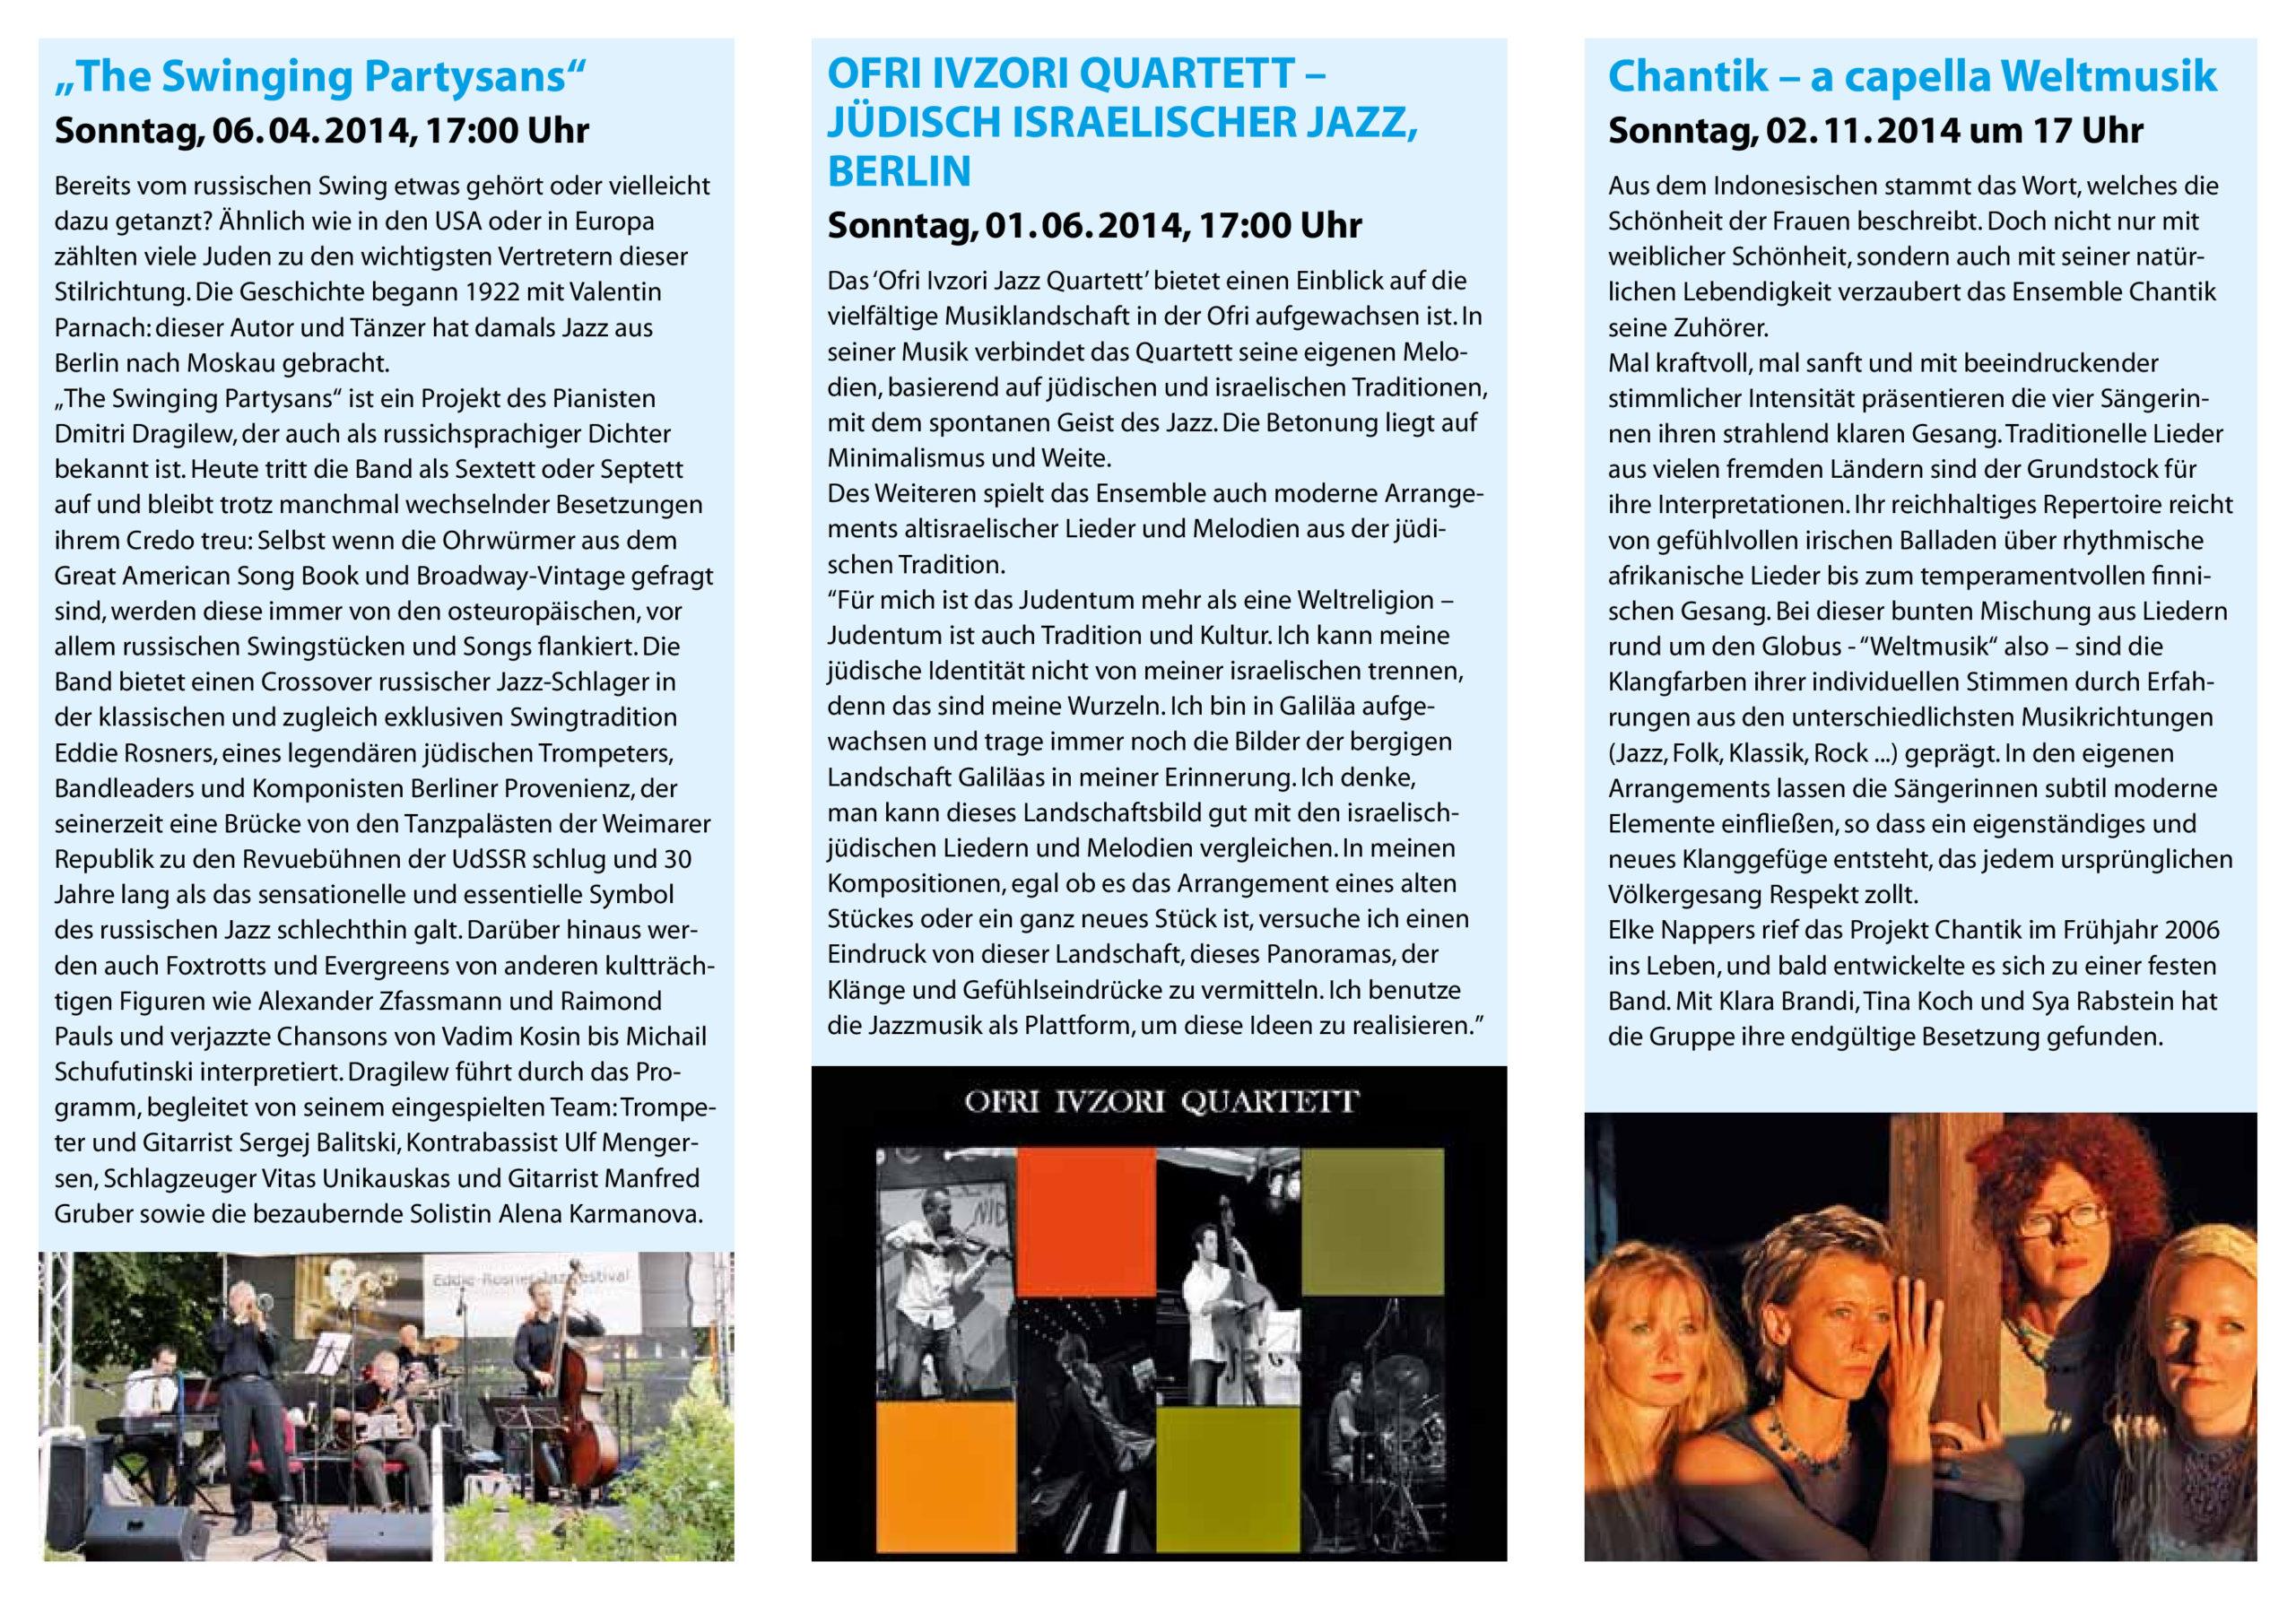 2014_Kulturprogramm_Flyer-1-scaled